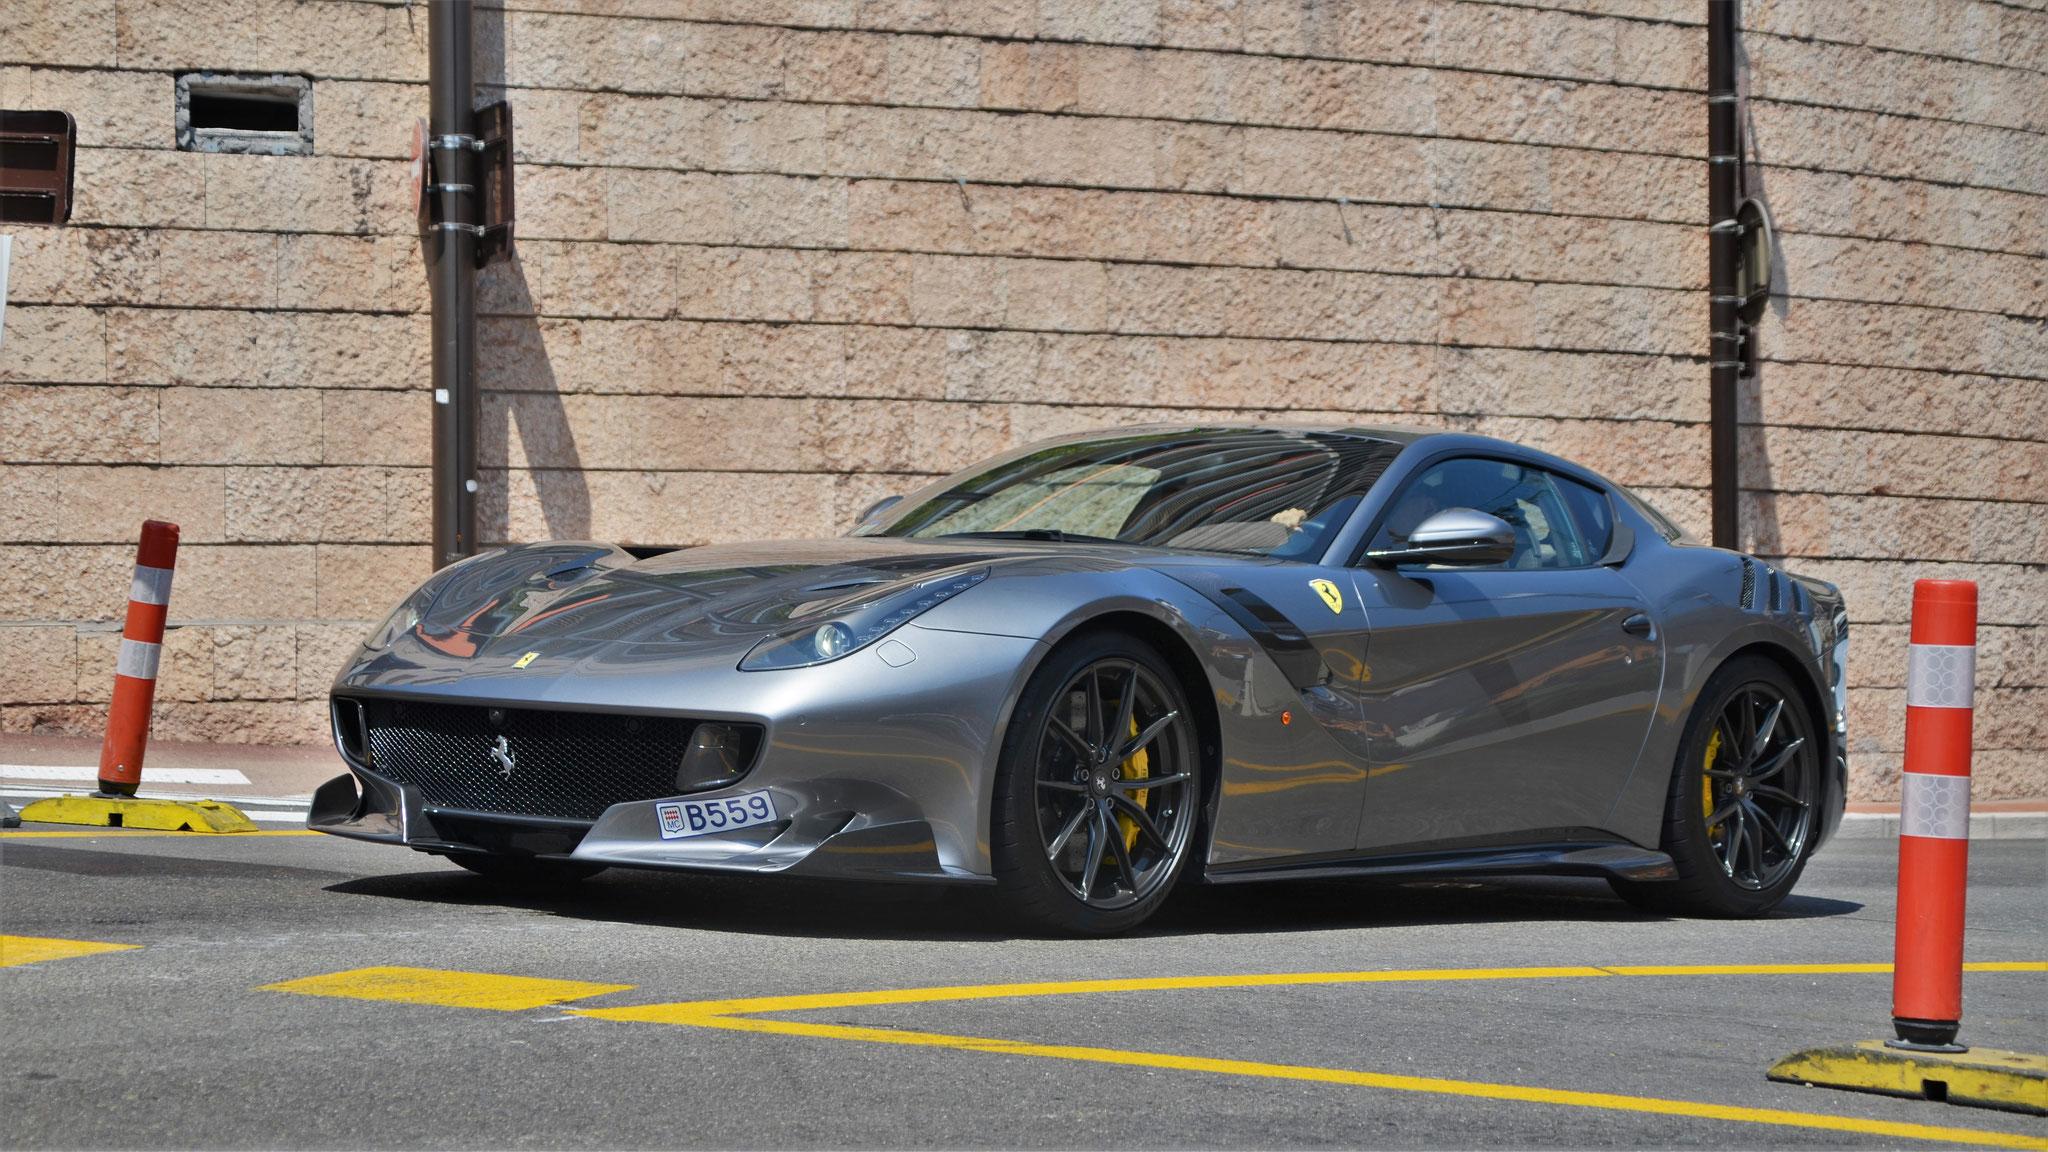 Ferrari F12 TDF - B559 (MC)